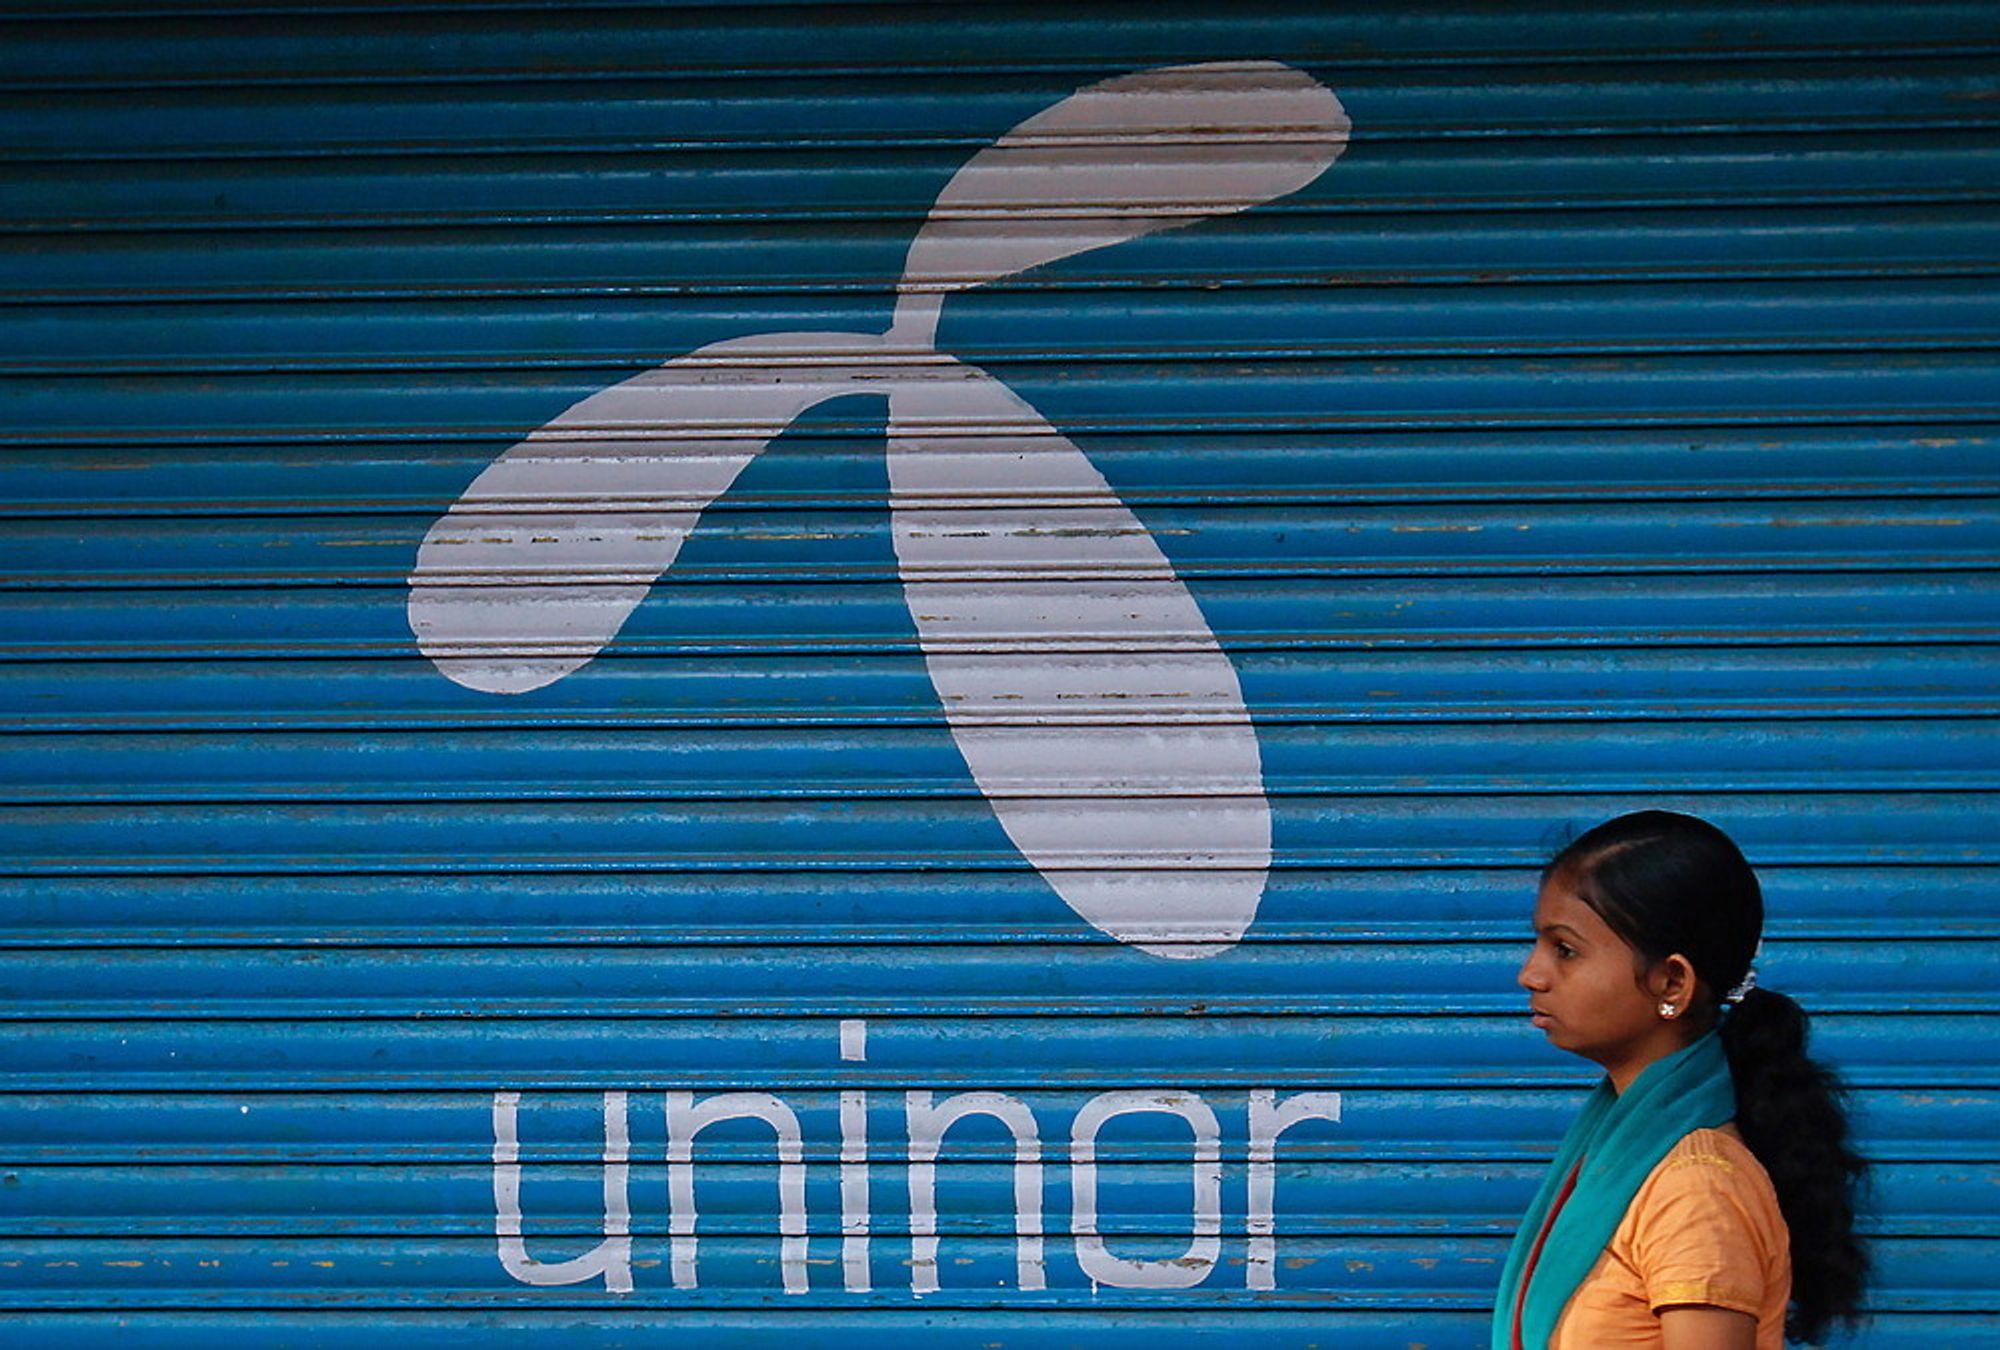 Telenors satsing i India har vært alt annet enn en storsuksess. 22 milliarder er brukt, og analytikere mener virksomheten ikke er verdt mer enn 4,5 milliarder.